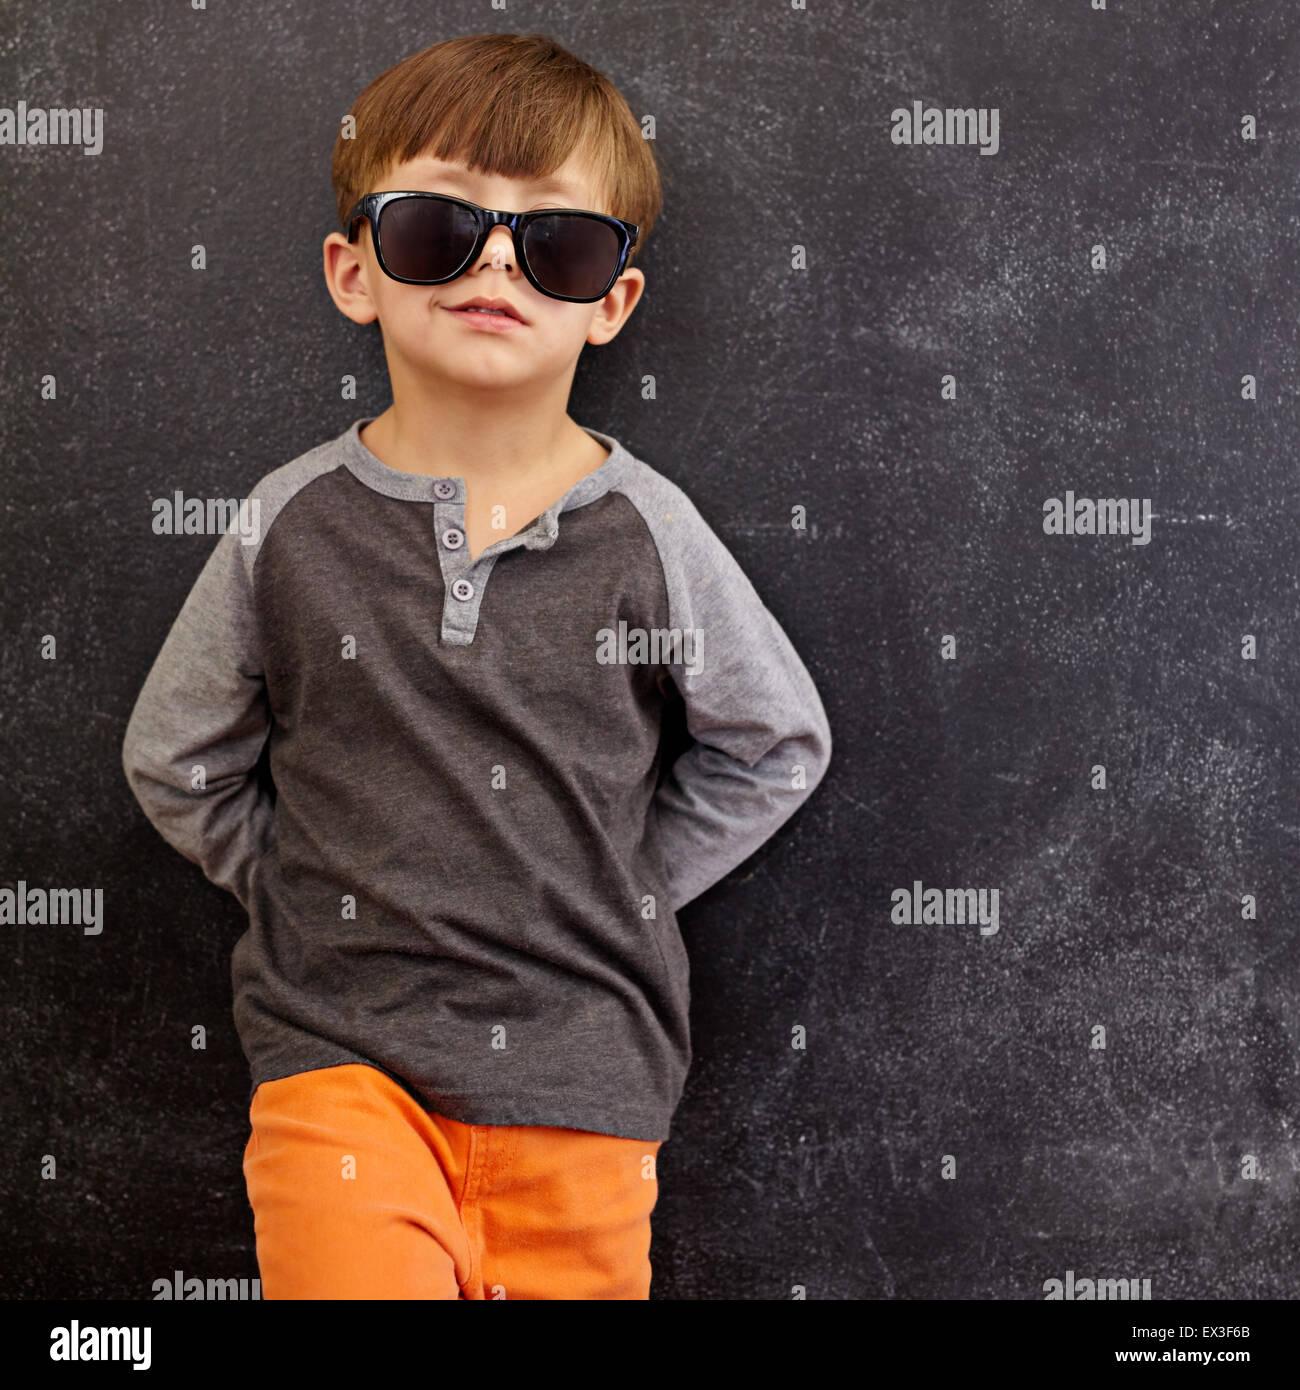 Retrato de niño inteligente smirking con gafas de sol. Cool kid en tonos recostada sobre una pizarra, mirando a Foto de stock